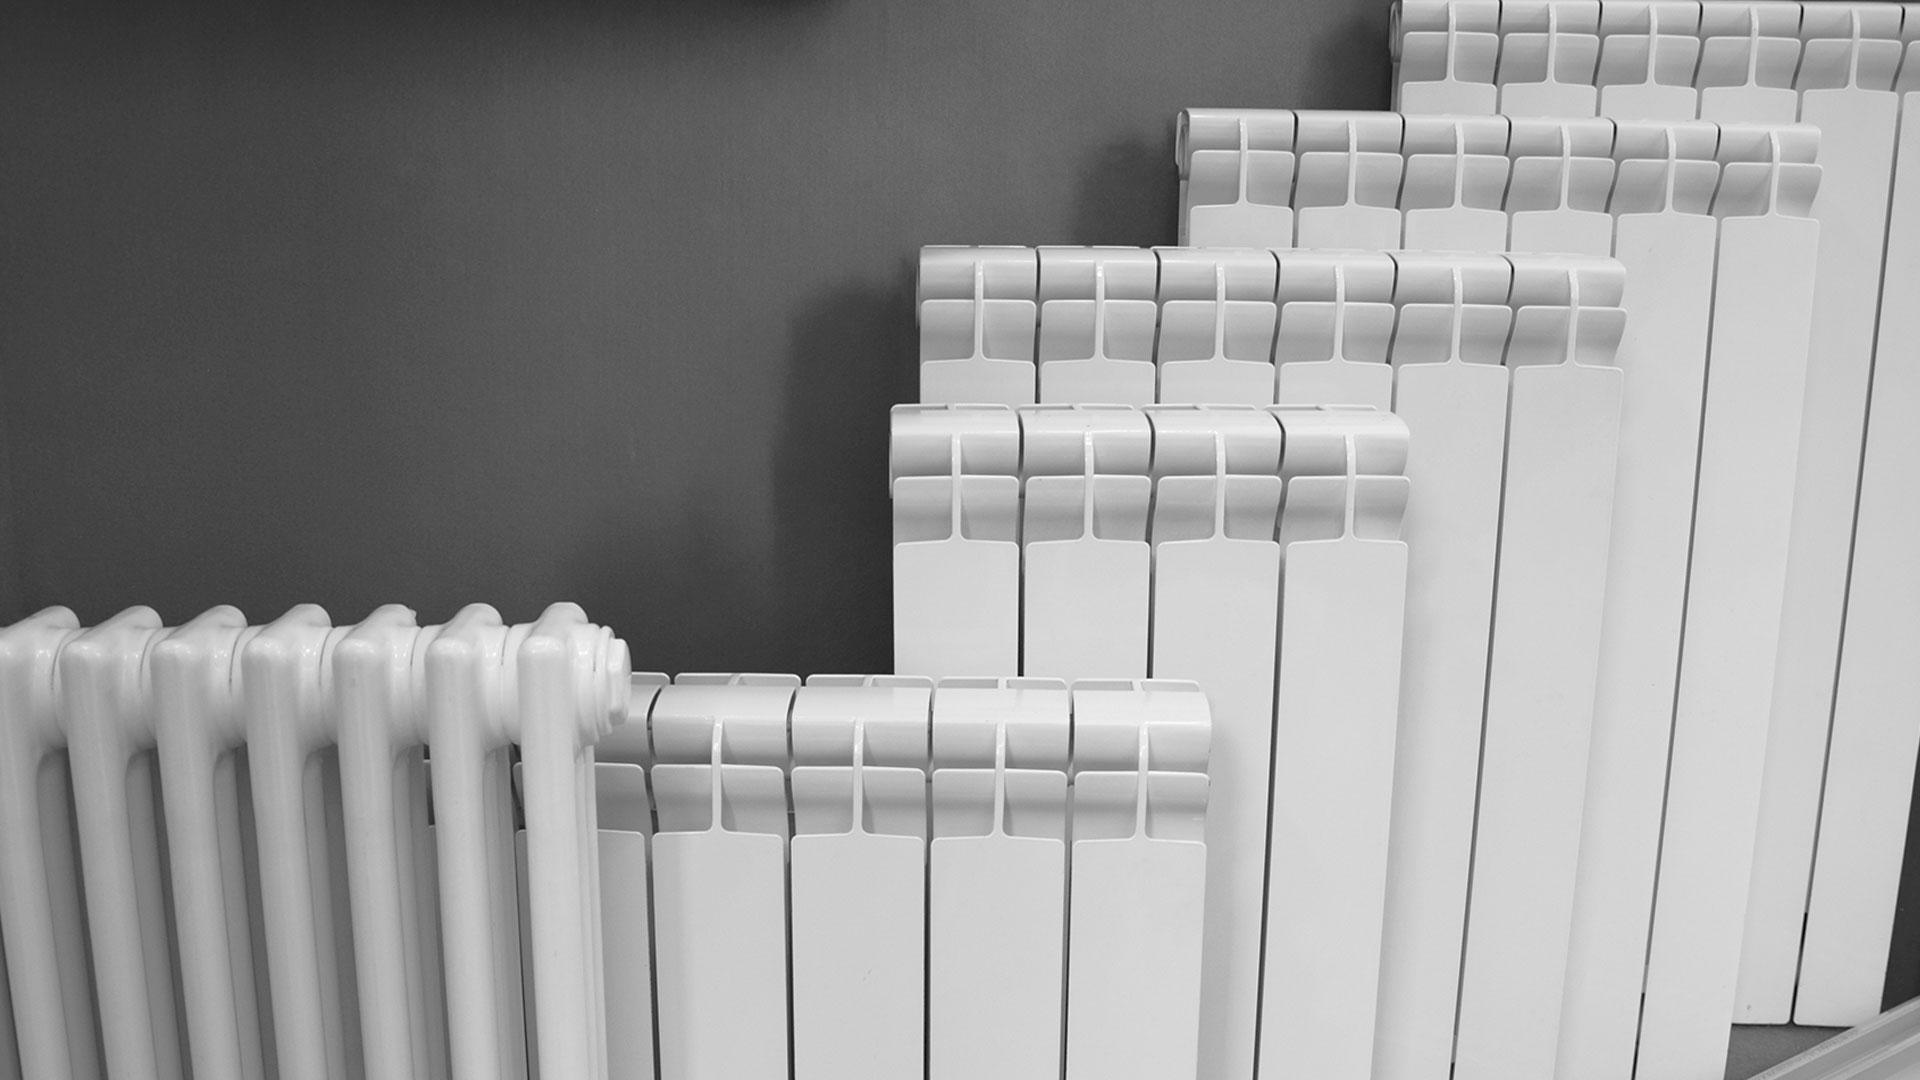 Radiatori In Alluminio O Acciaio radiatori centocelle roma